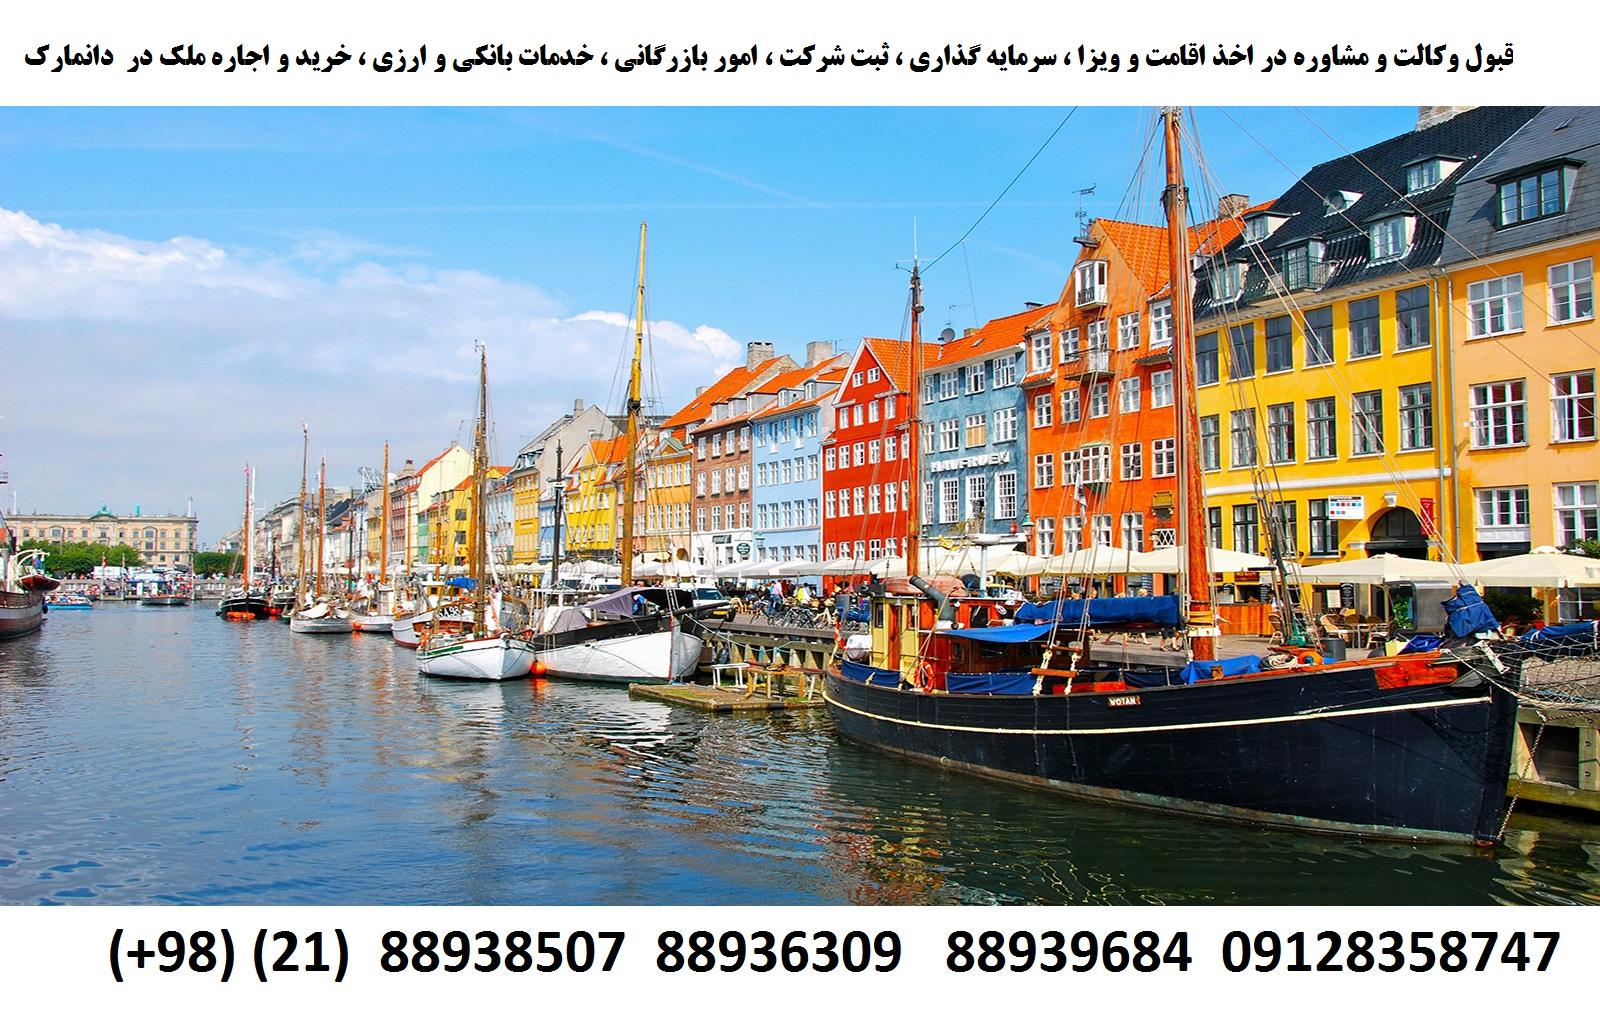 اقامت ، ویزا ، ثبت شرکت ، سرمایه گذاری در دانمارک (1)